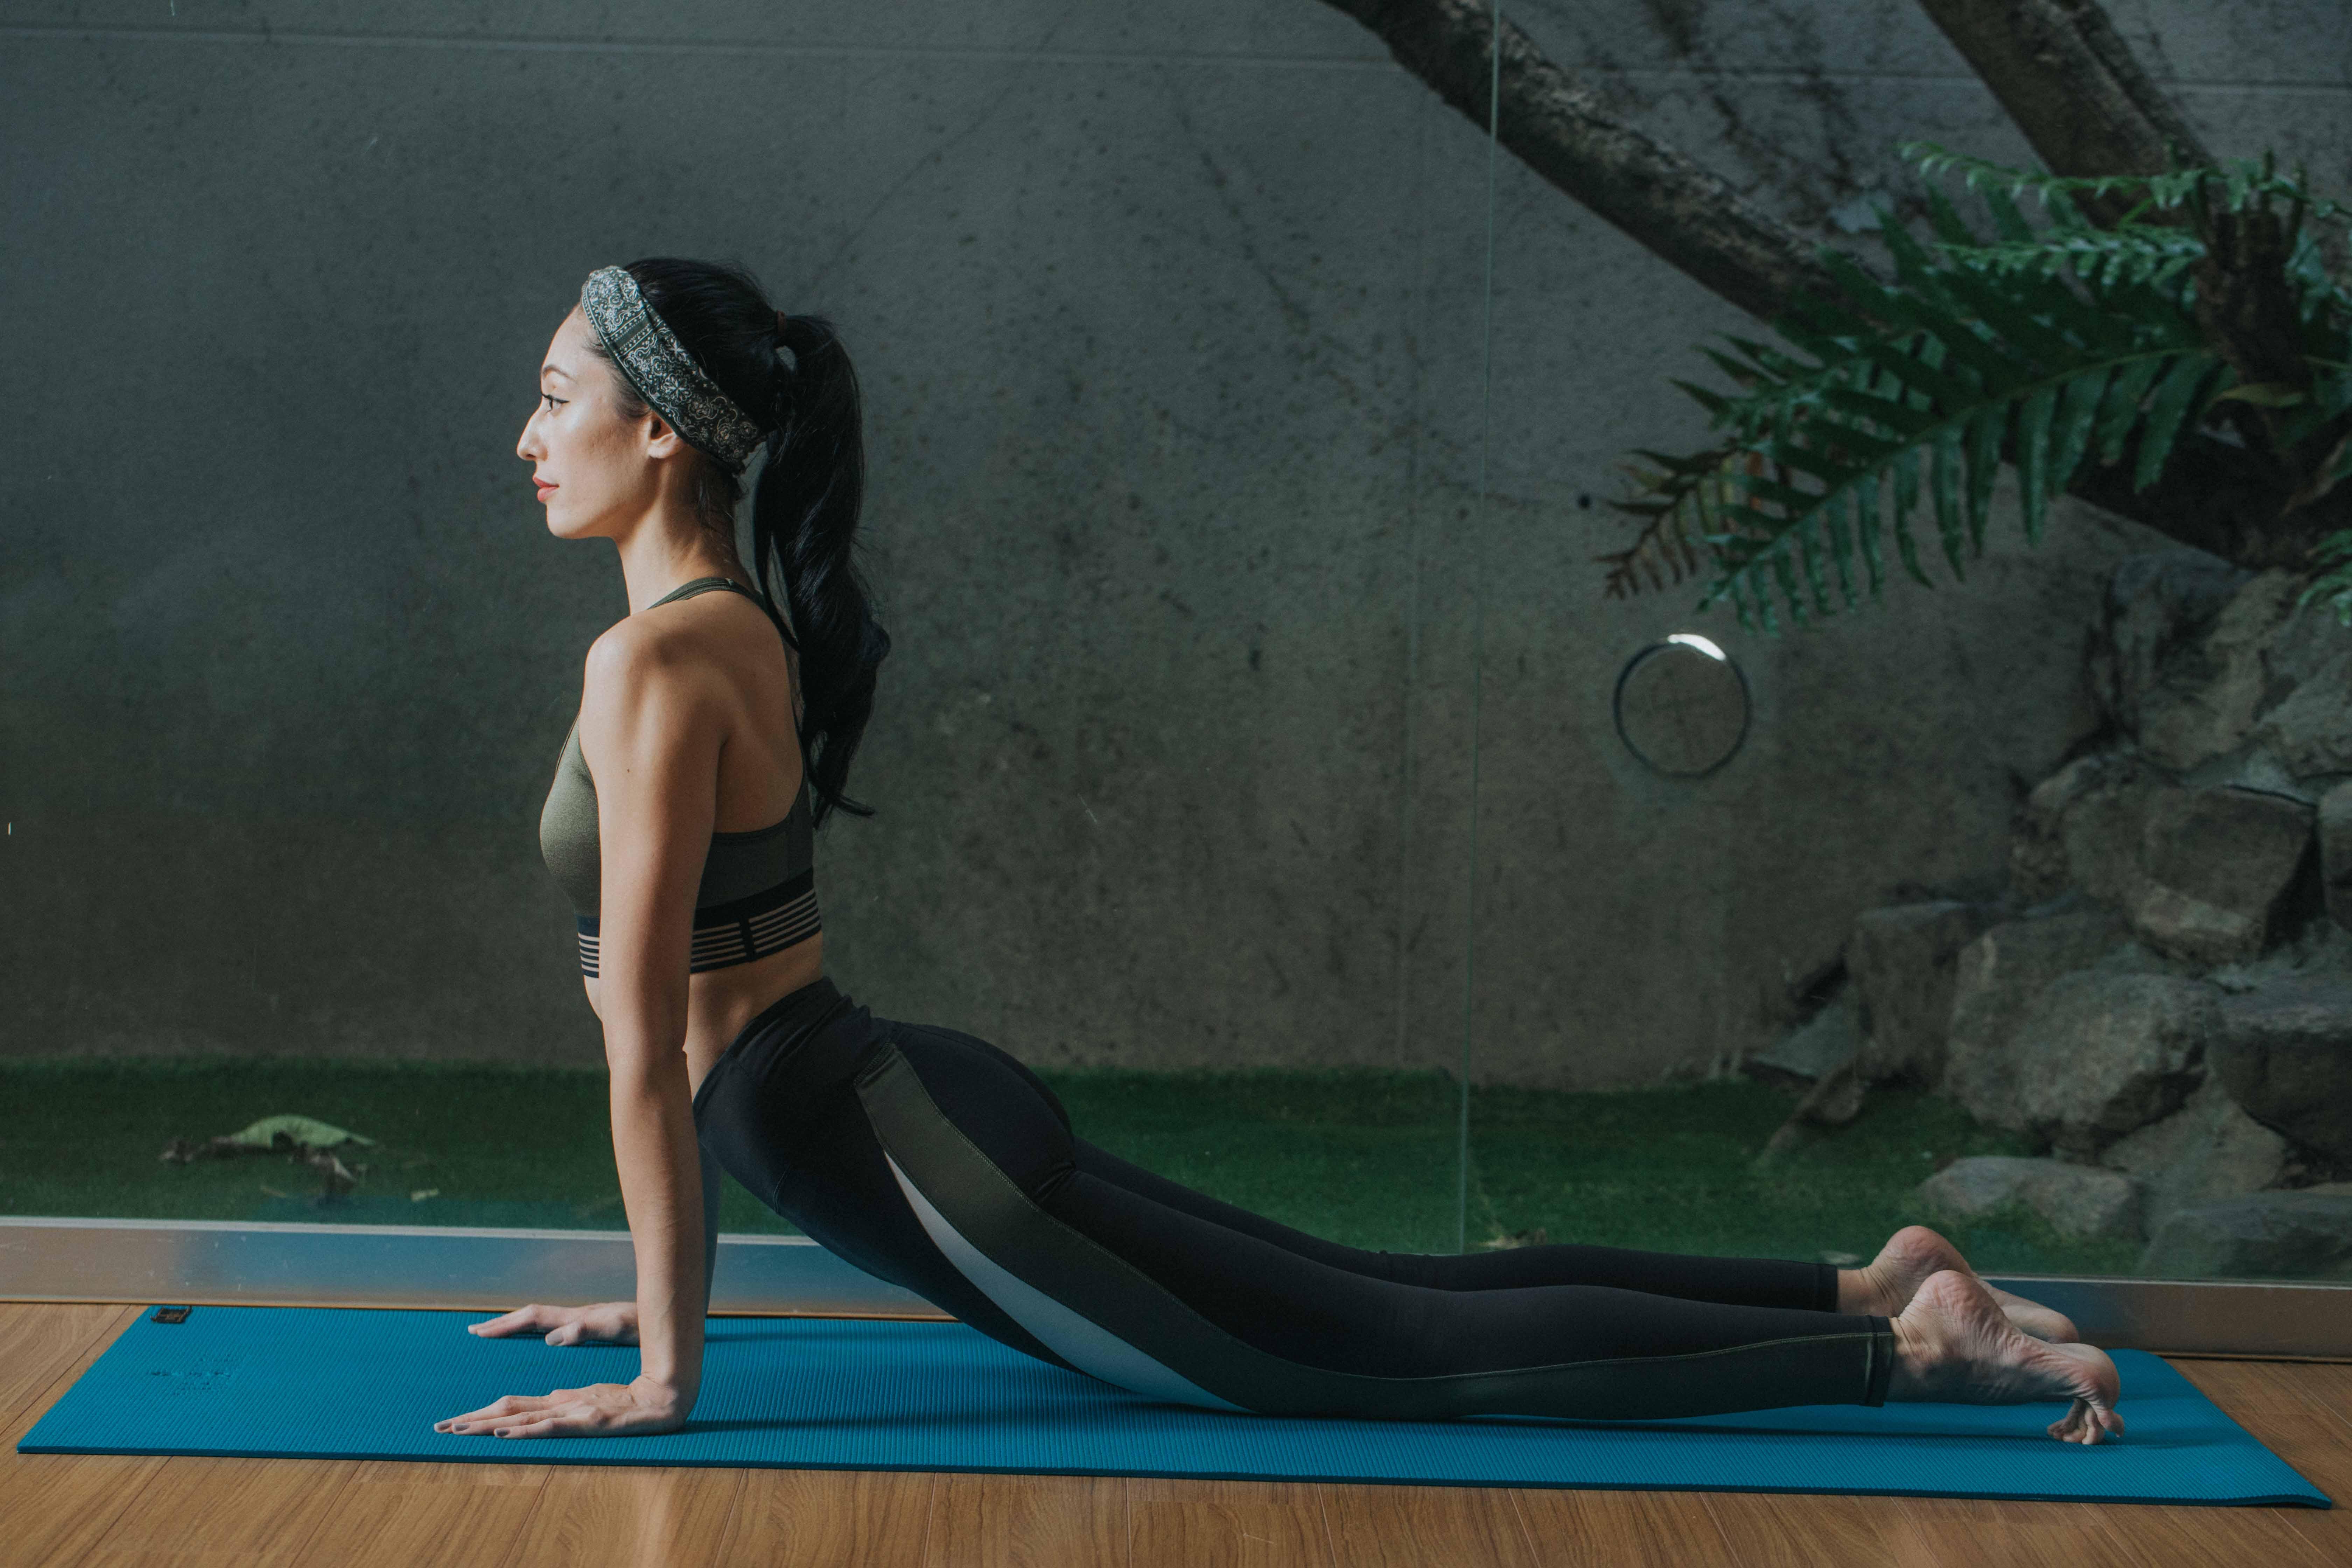 陰瑜珈動作扎實穩固身體肌肉